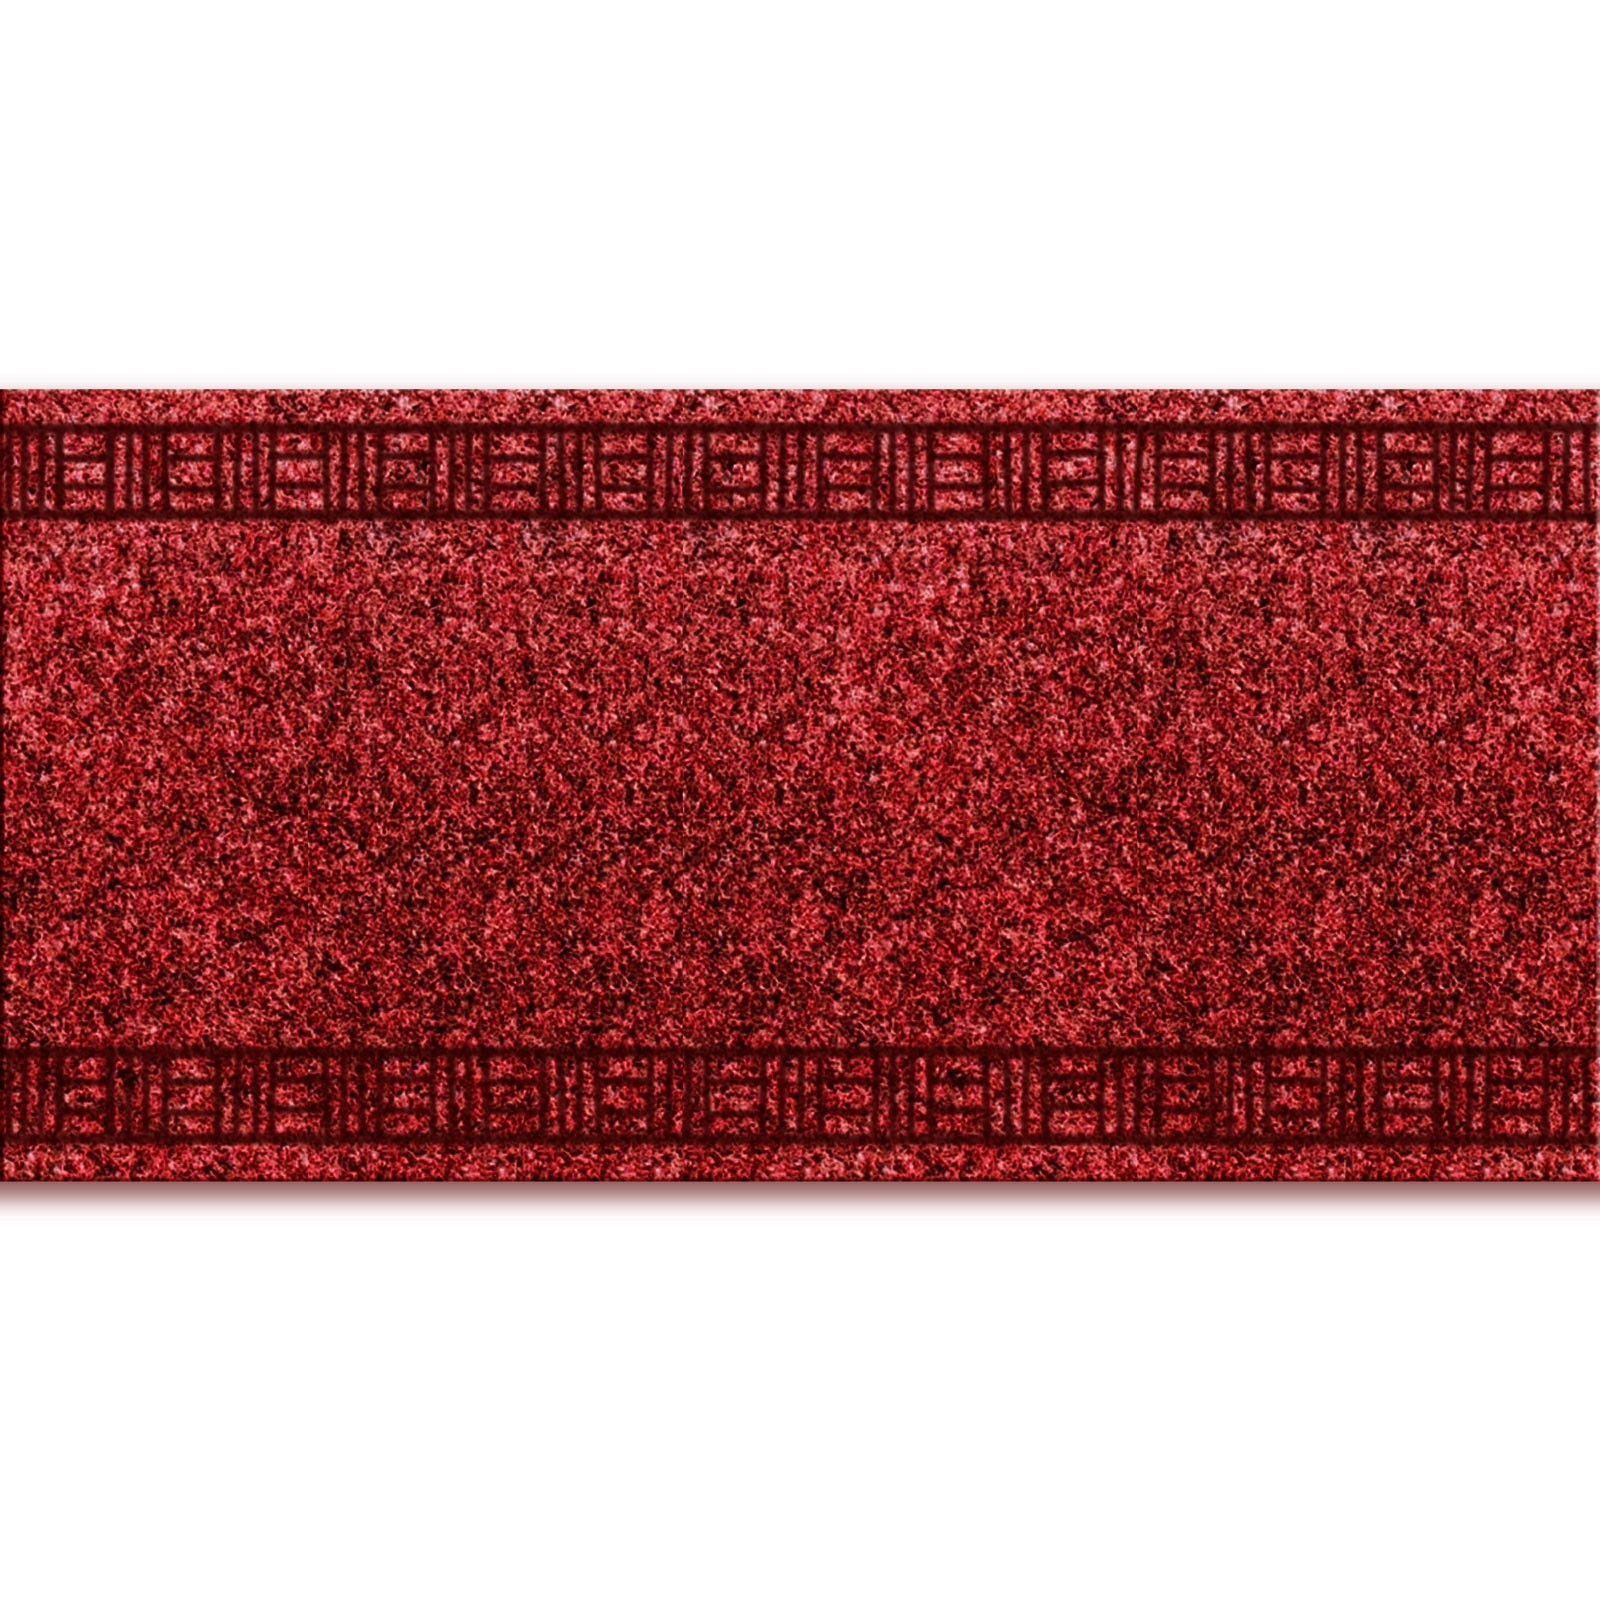 Casa Pura Tapis Impressionnant Image Tapis Au Metre Amortissant Résistant Rouge